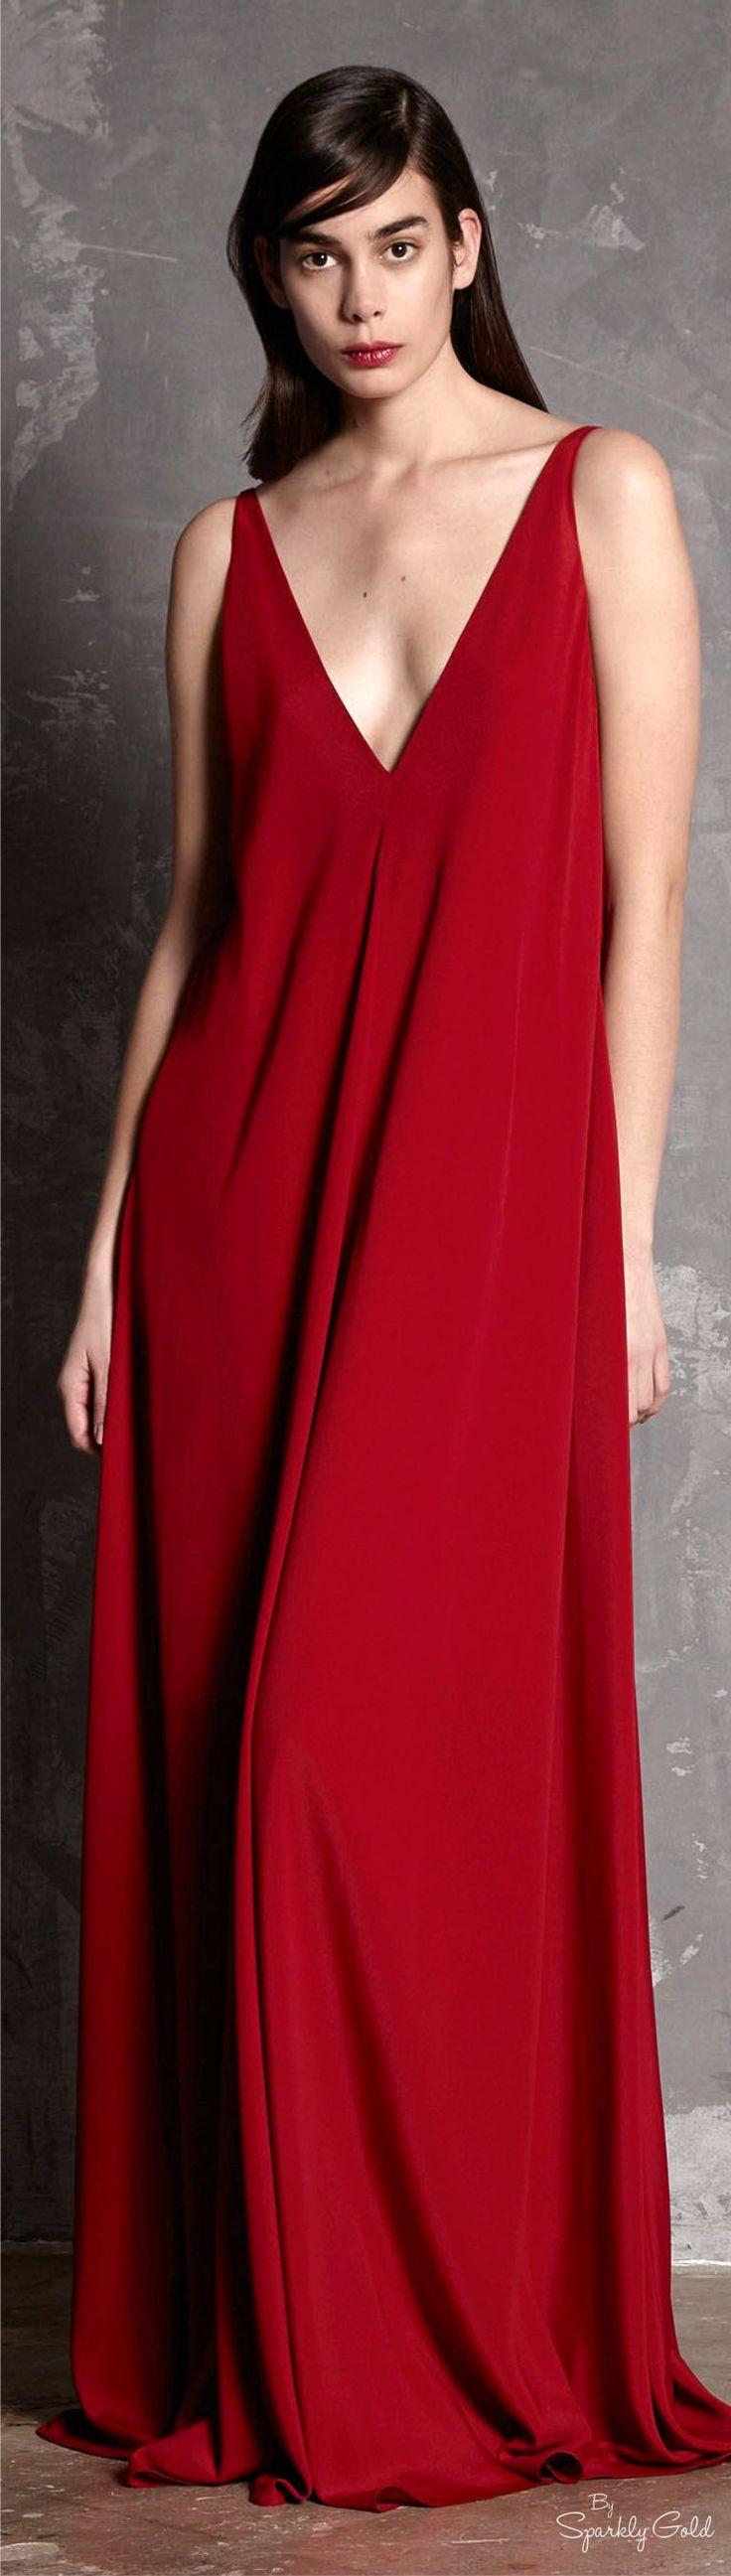 501 Best La Chica De Rojo Images On Pinterest Paintings Red And Tendencies Caps Savage Merah Paule Ka Fall 2016 Rtw